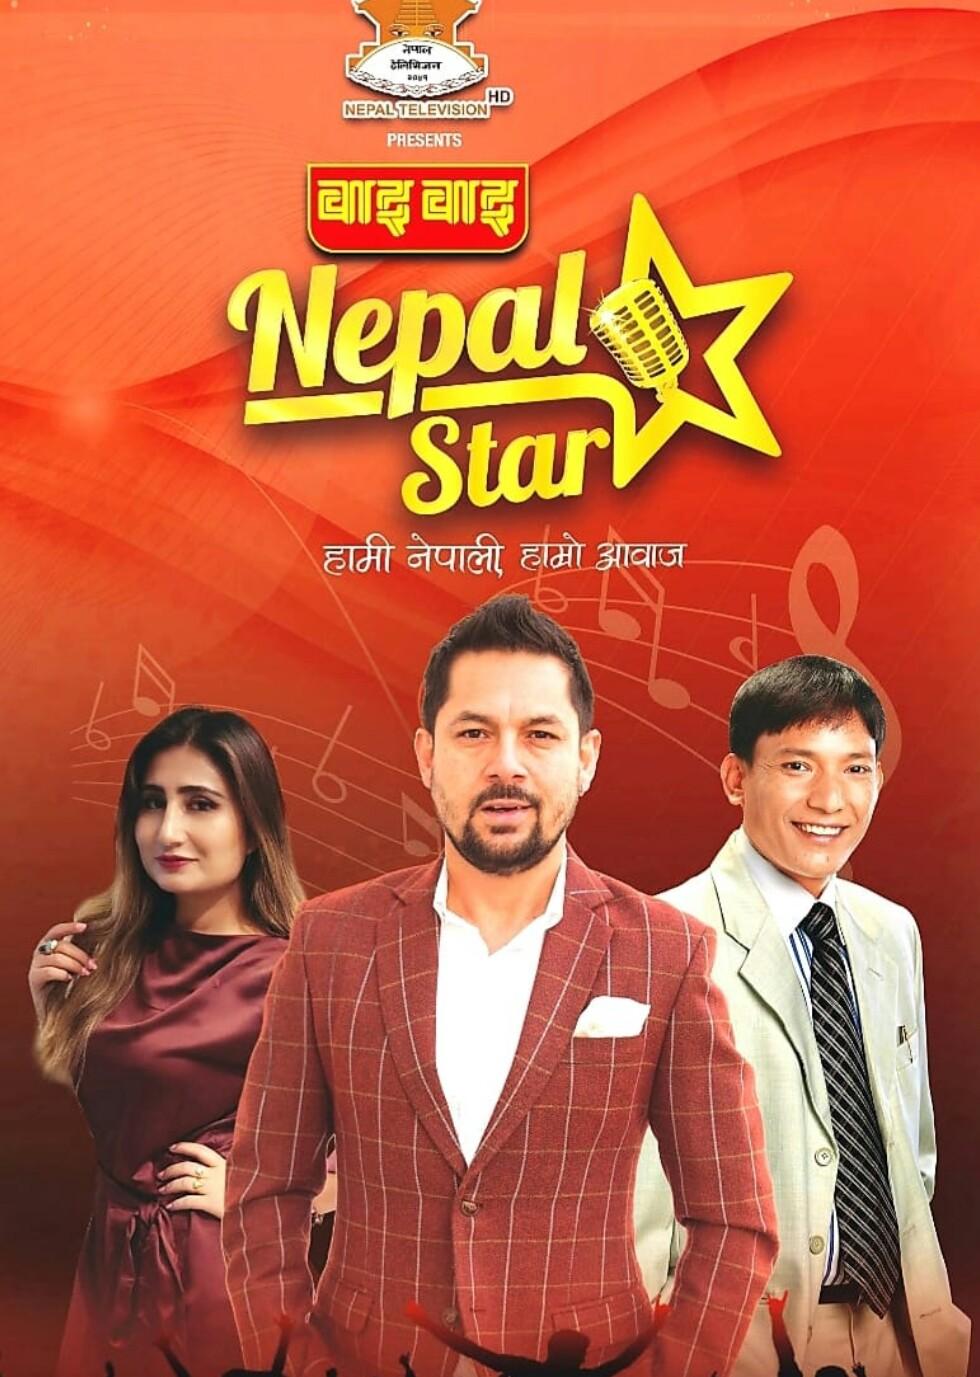 ५0 लाख पुरस्कार राशिको नेपाल स्टार' शो हुने